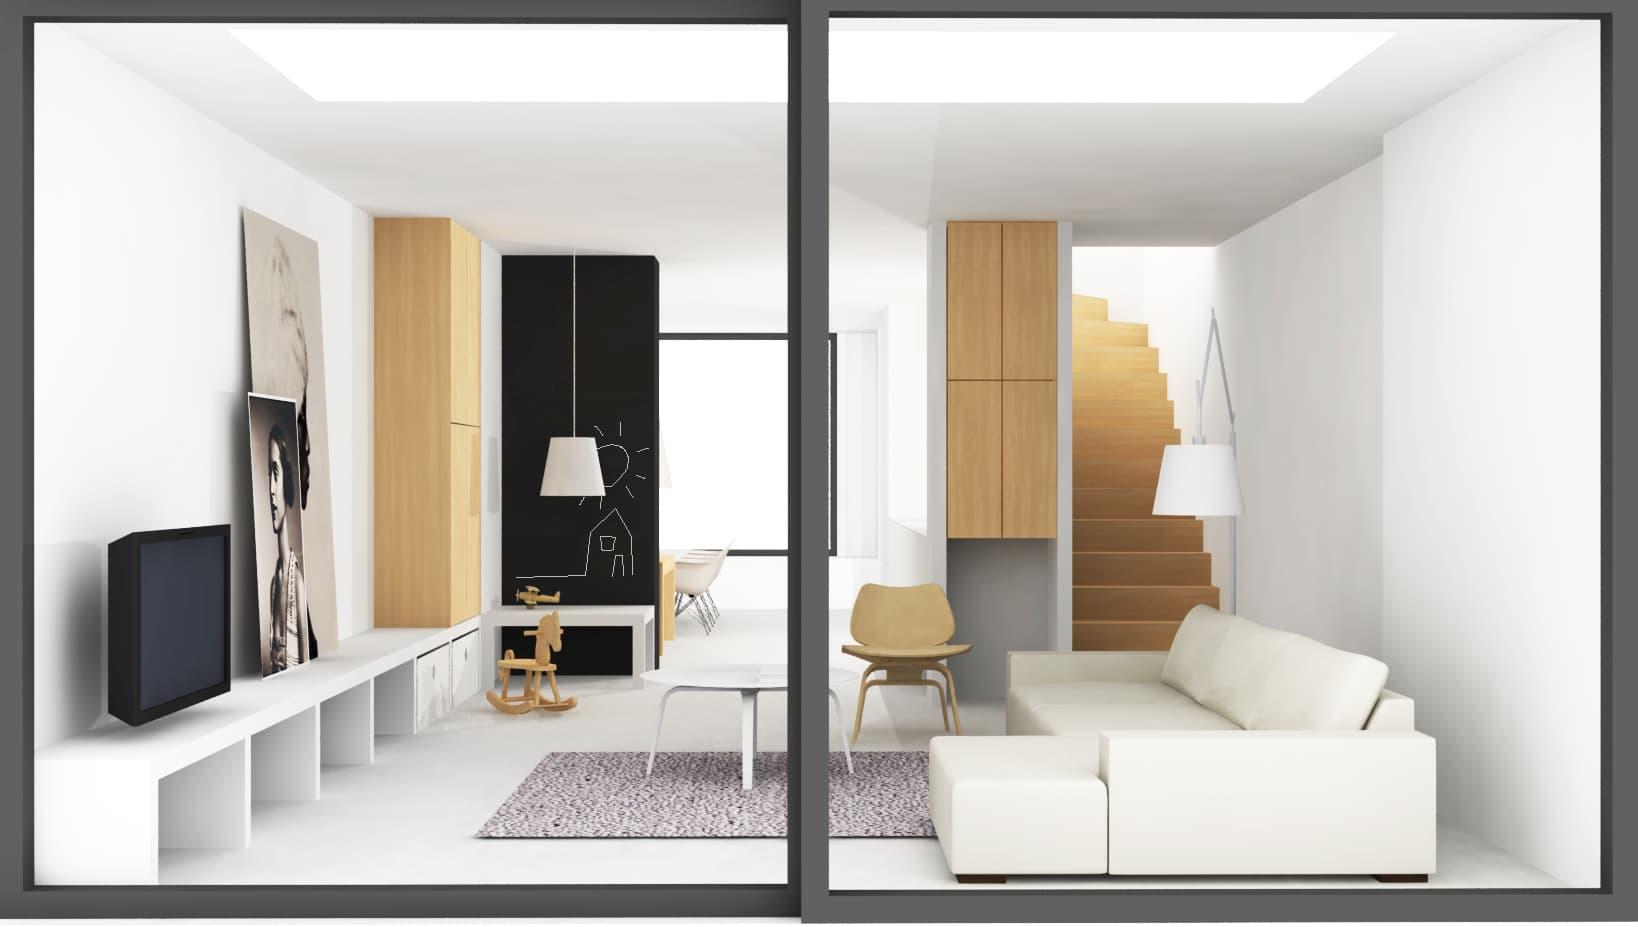 Interieurontwerp sfeervolle woonkamer met houten details en speelhoek voor de kinderen